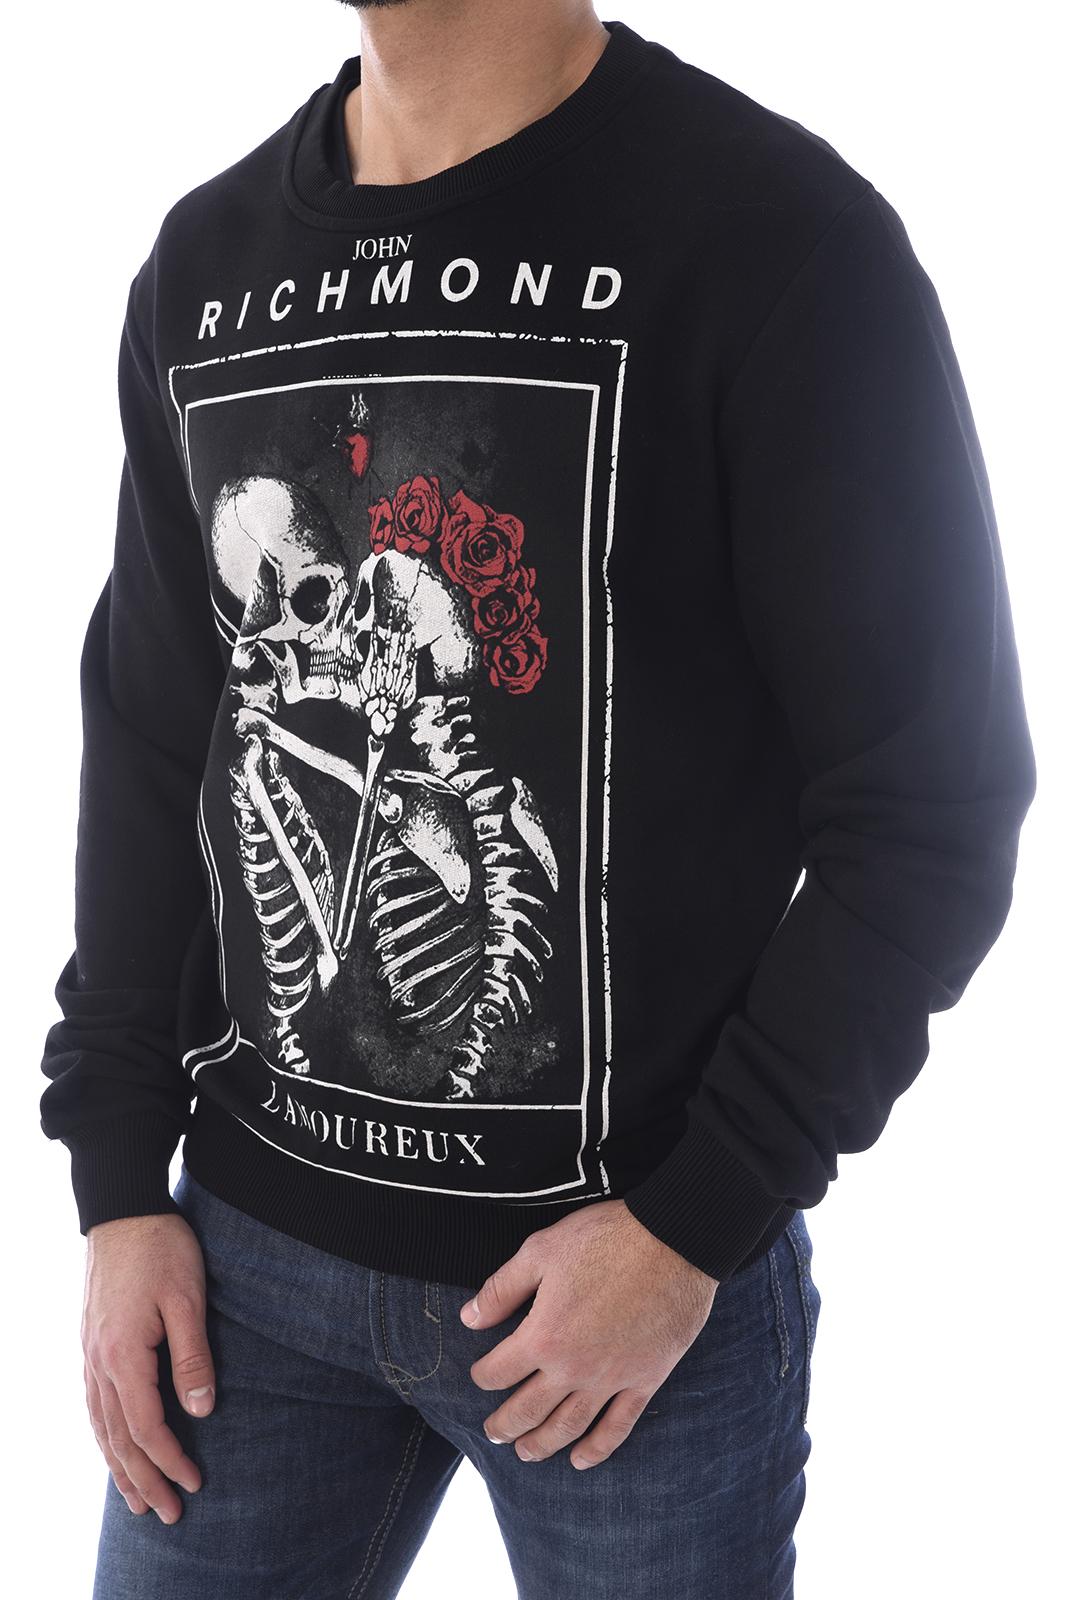 Sweatshirts  John richmond ALOANDIA W0083 NOIR